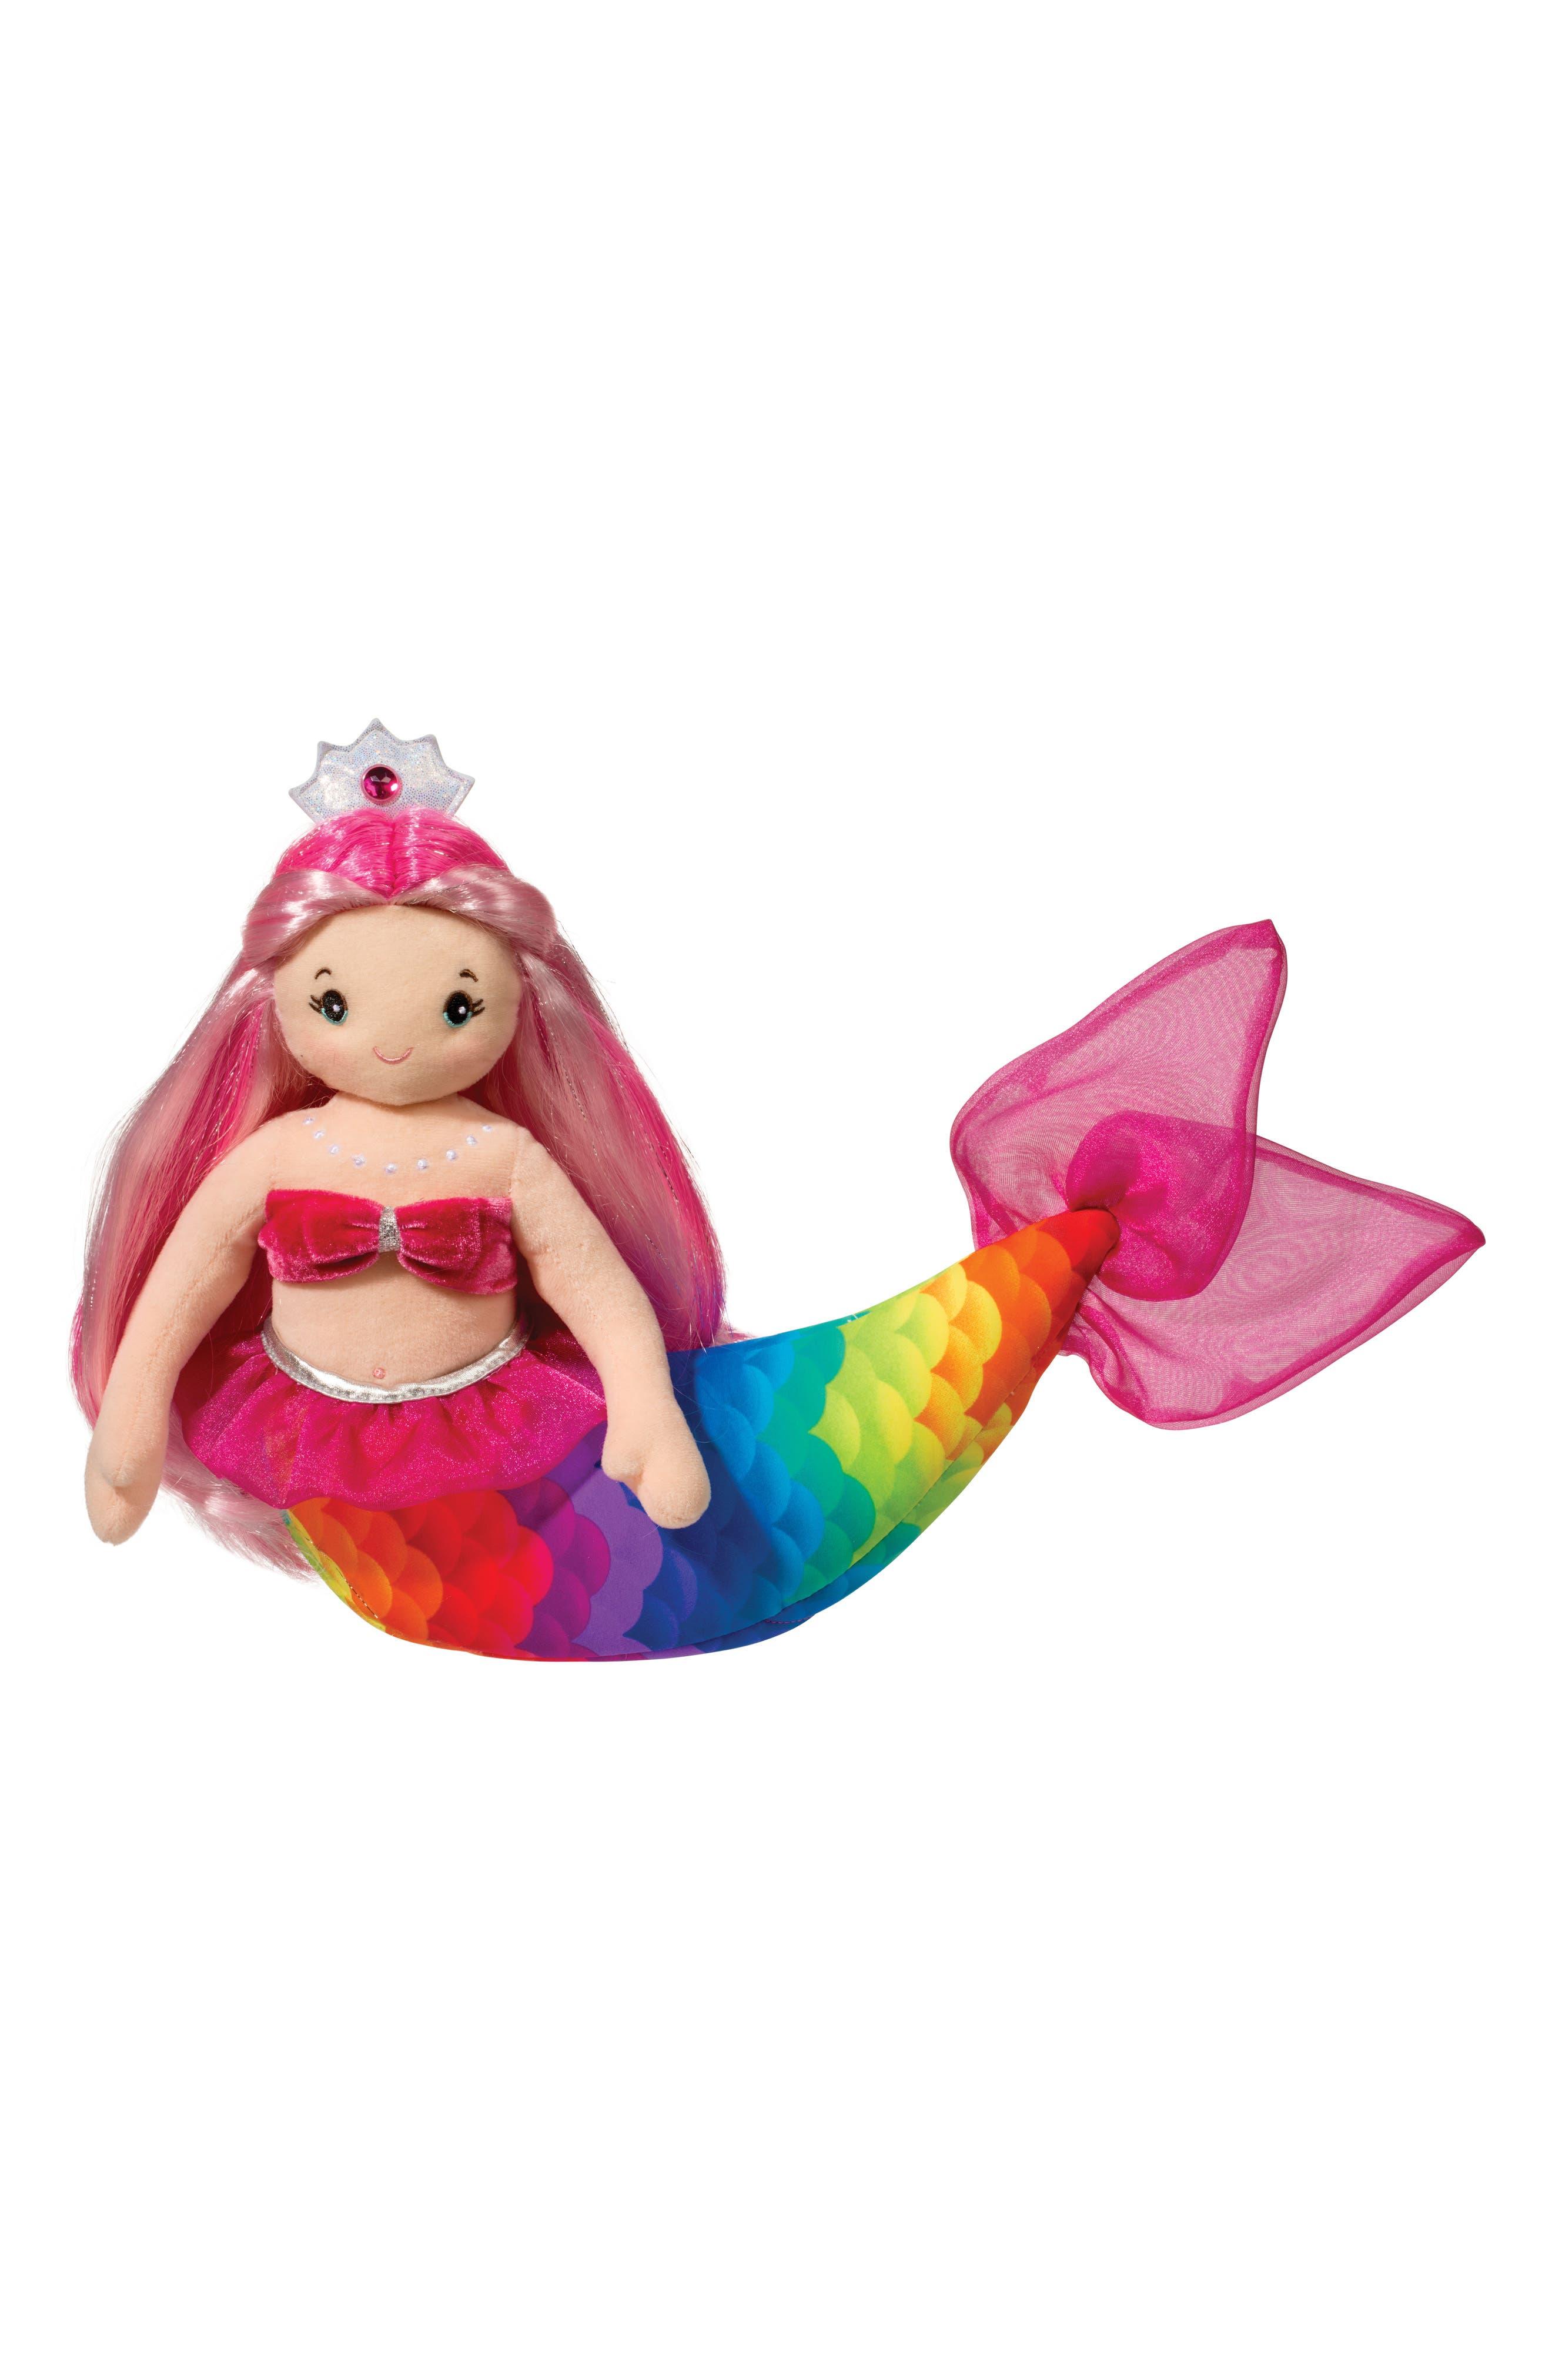 Main Image - Douglas Arissa - Large Rainbow Mermaid Doll